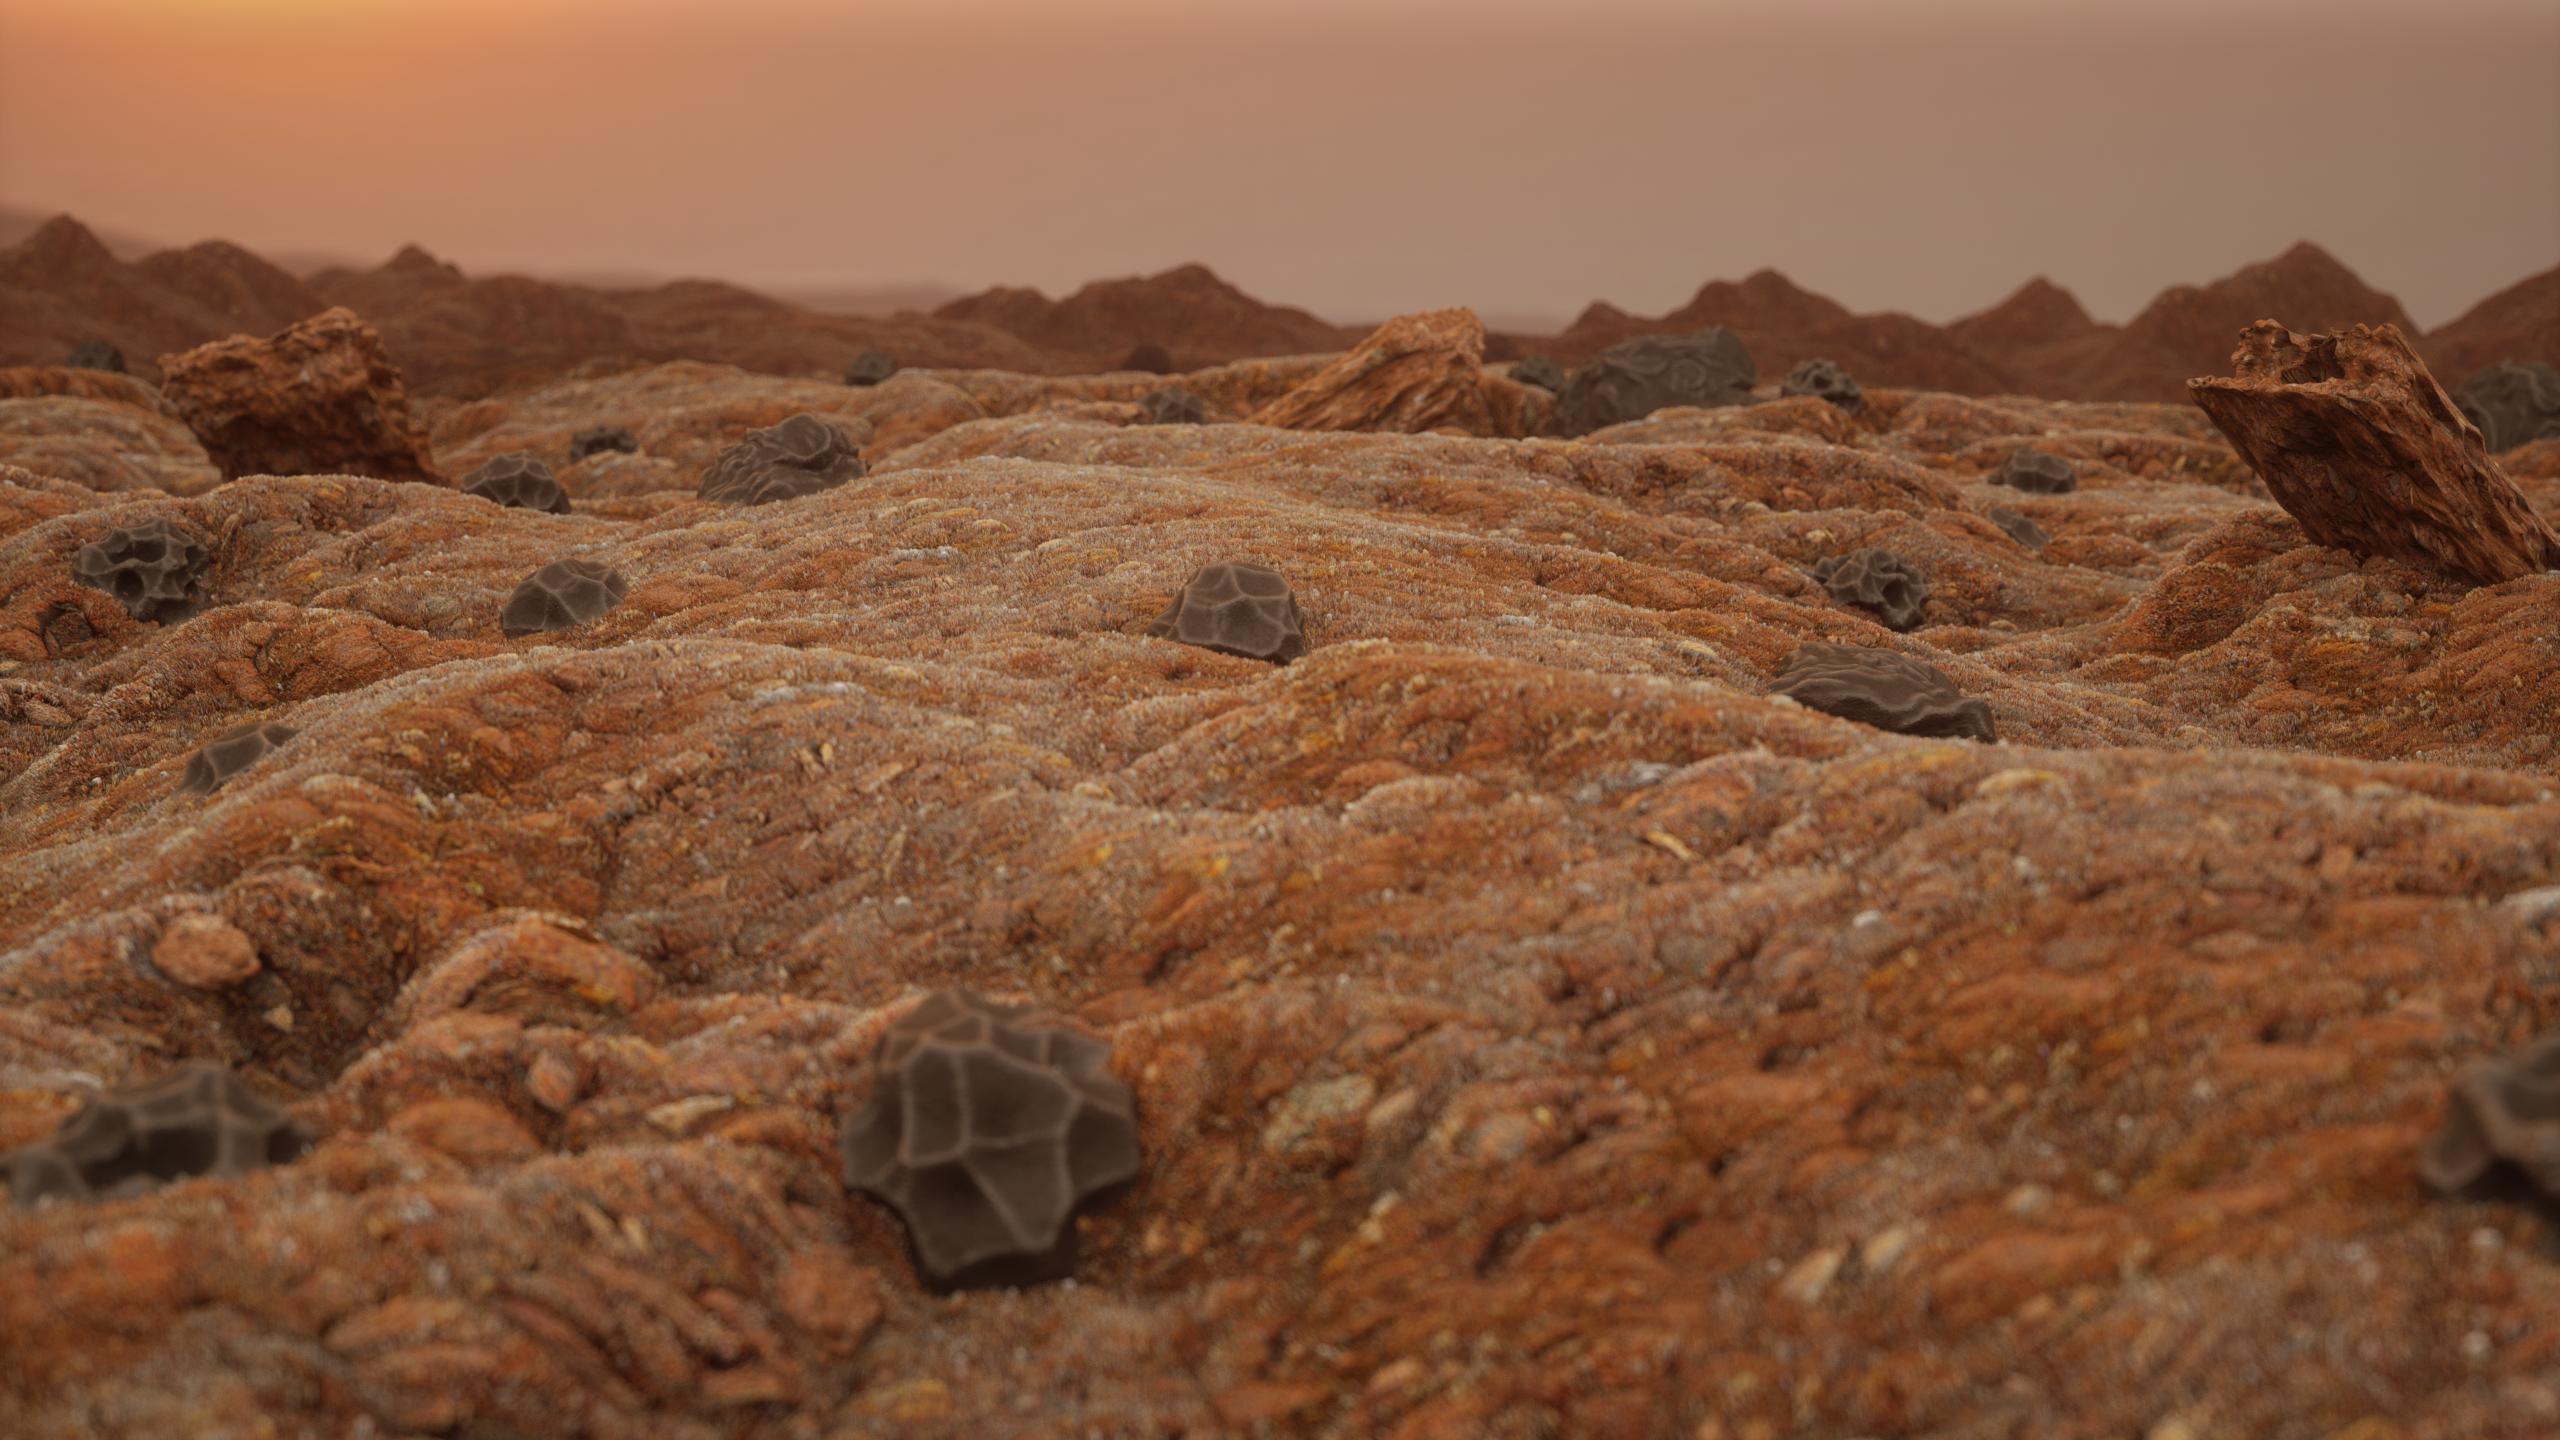 General 2560x1440 digital art landscape dunes rocks meteorite mountains 3D graphics debris space planet